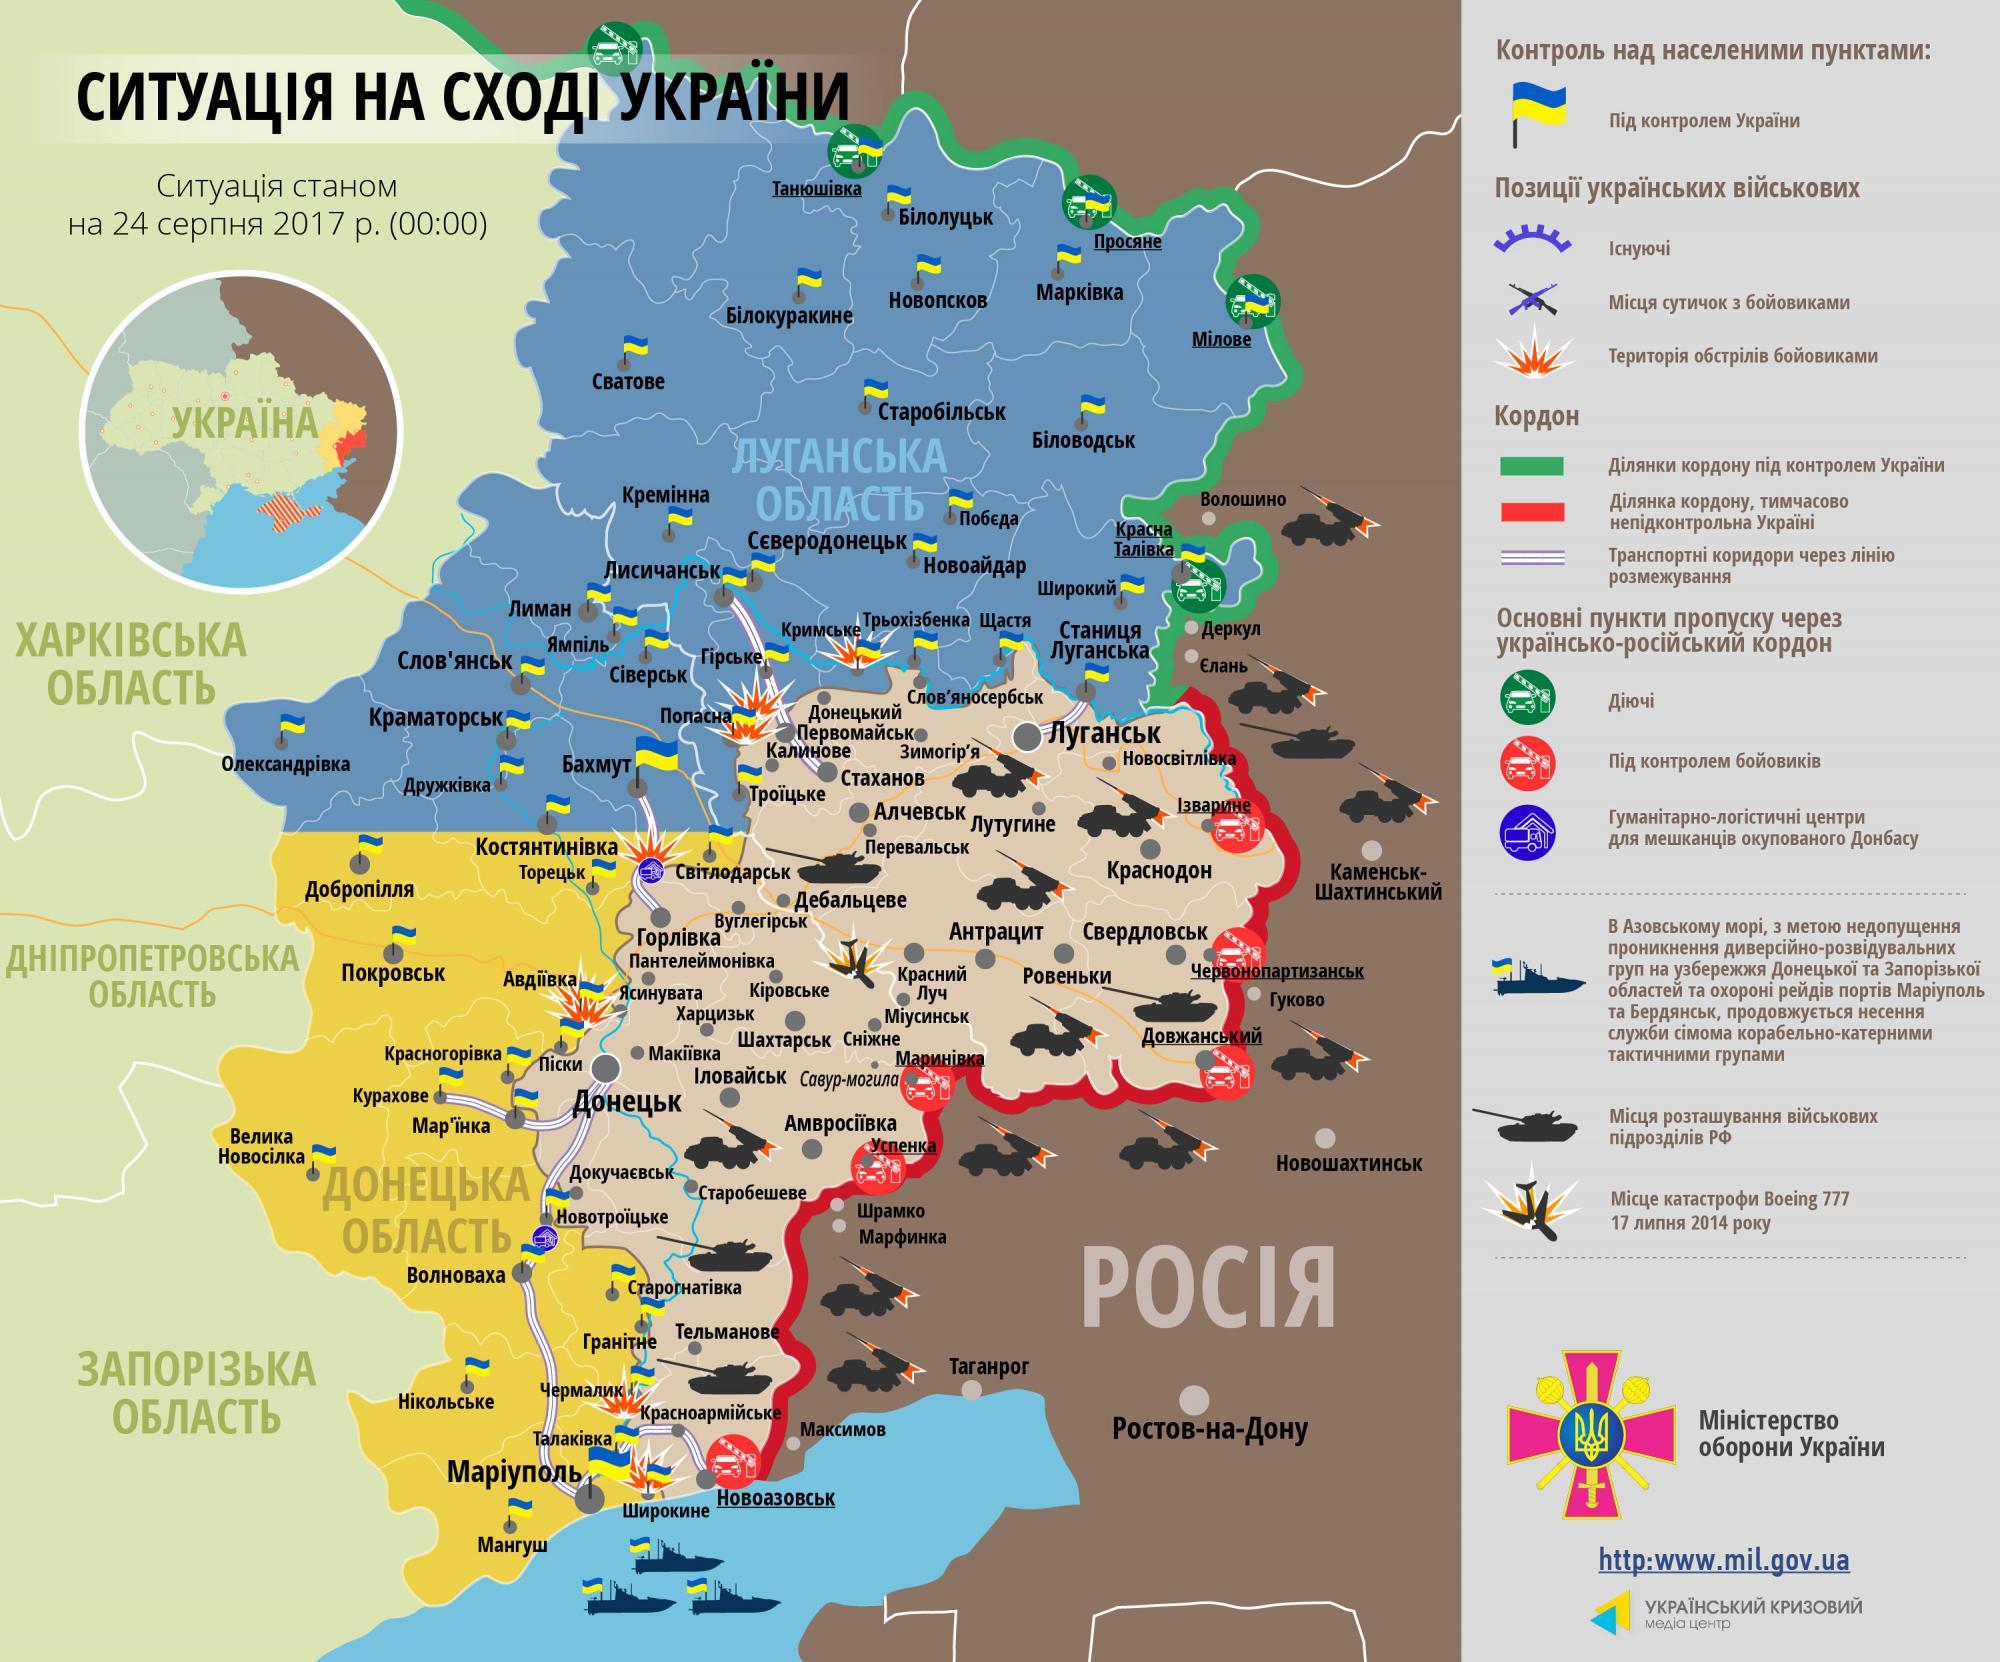 Сутки взоне АТО: двое украинских военных получили ранения, еще трое— травмы